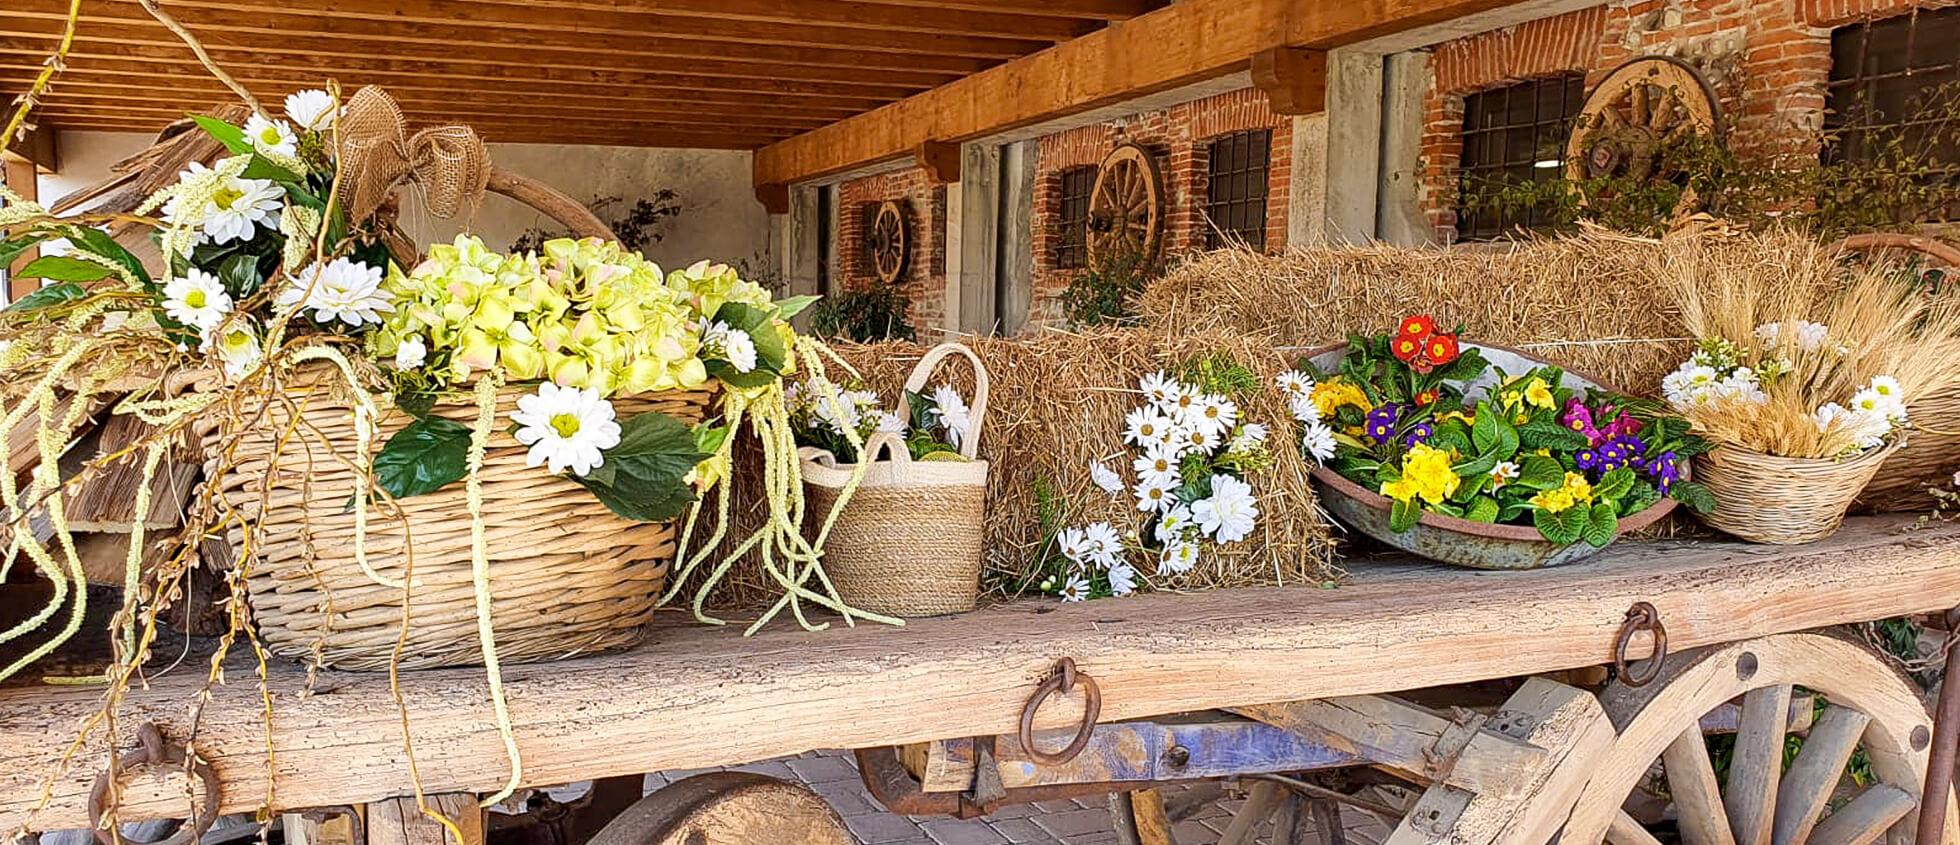 Azienda Agricola Campogallo carro fiori